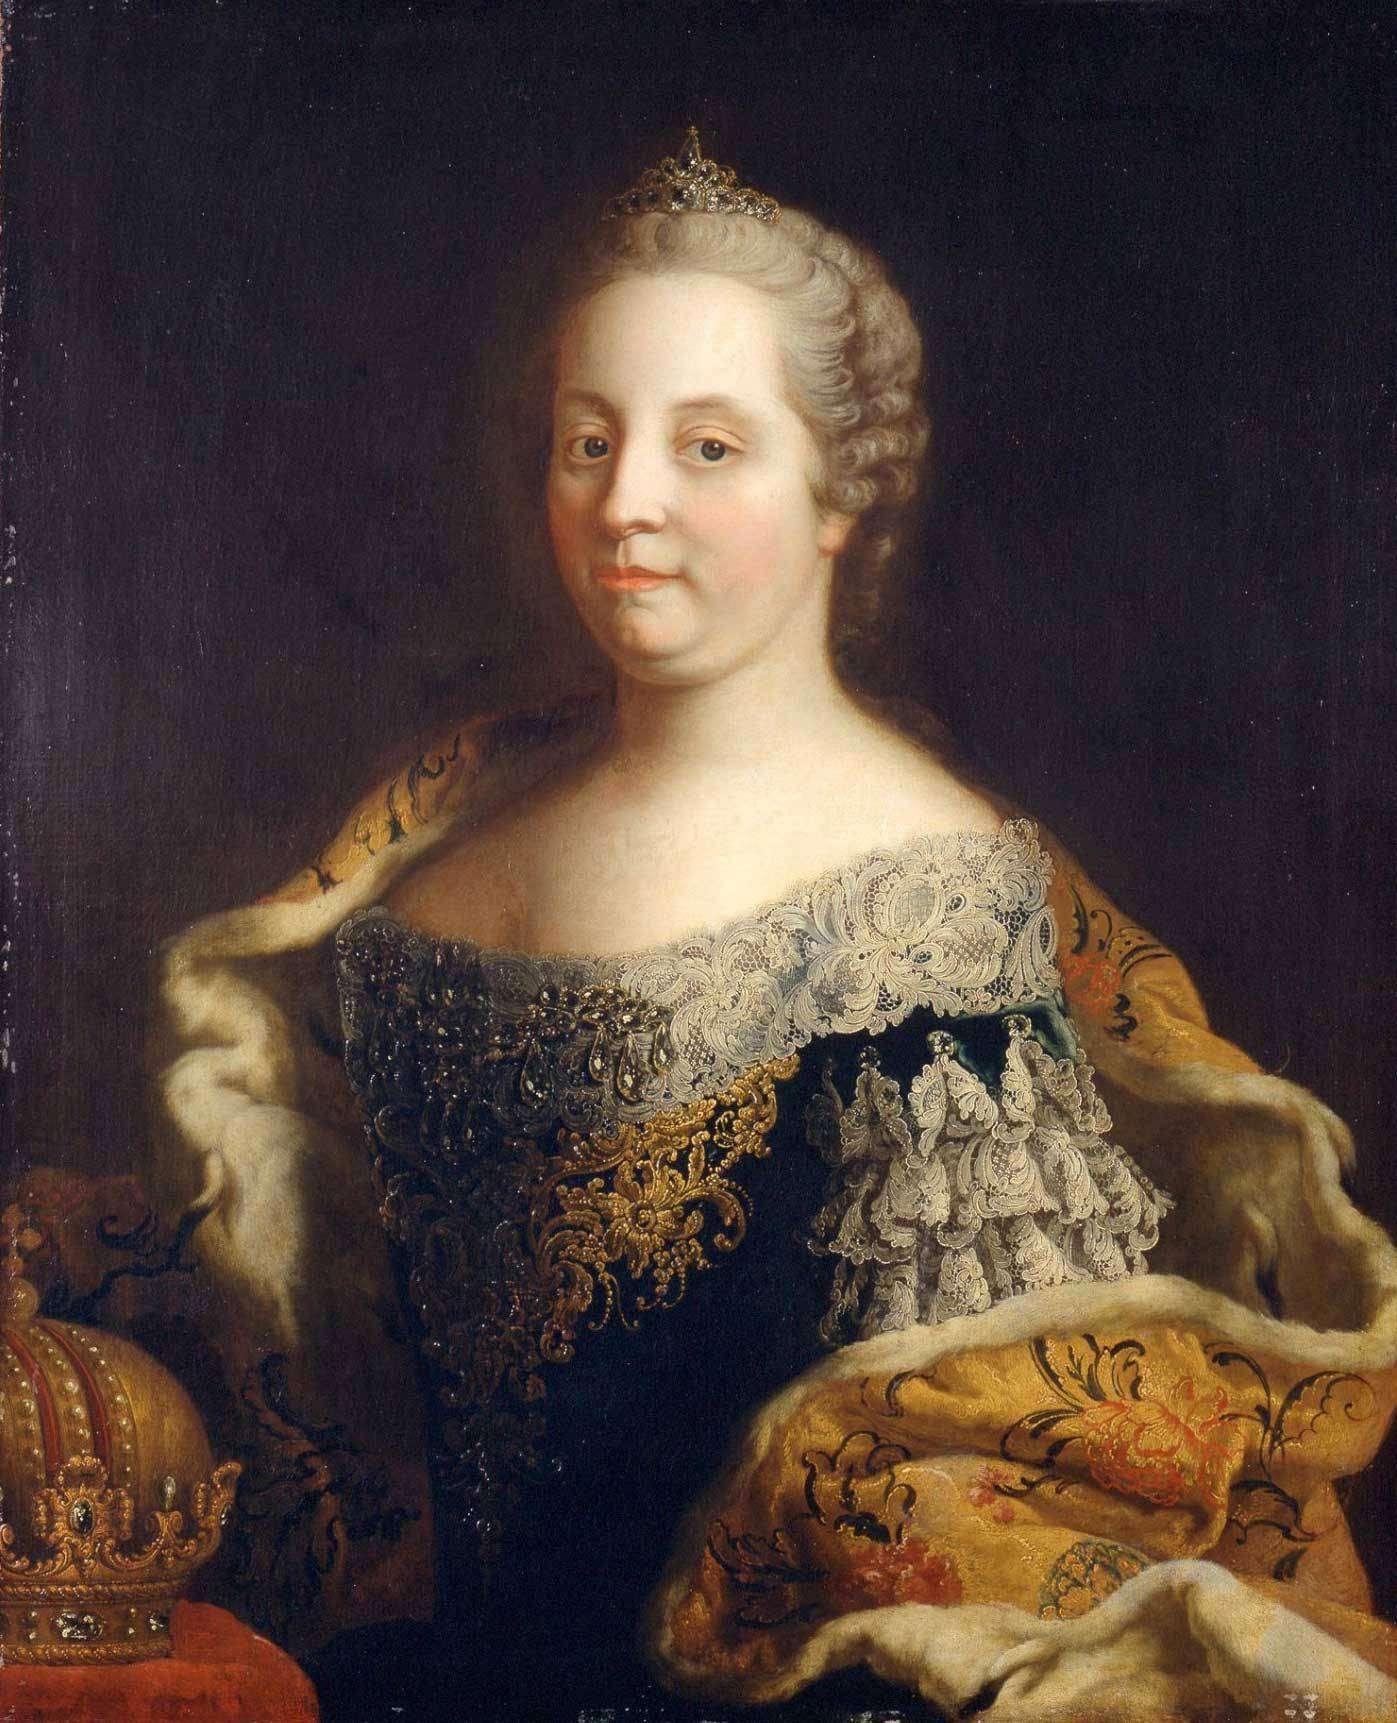 Мария Терезия: Австрийская тёща Европы